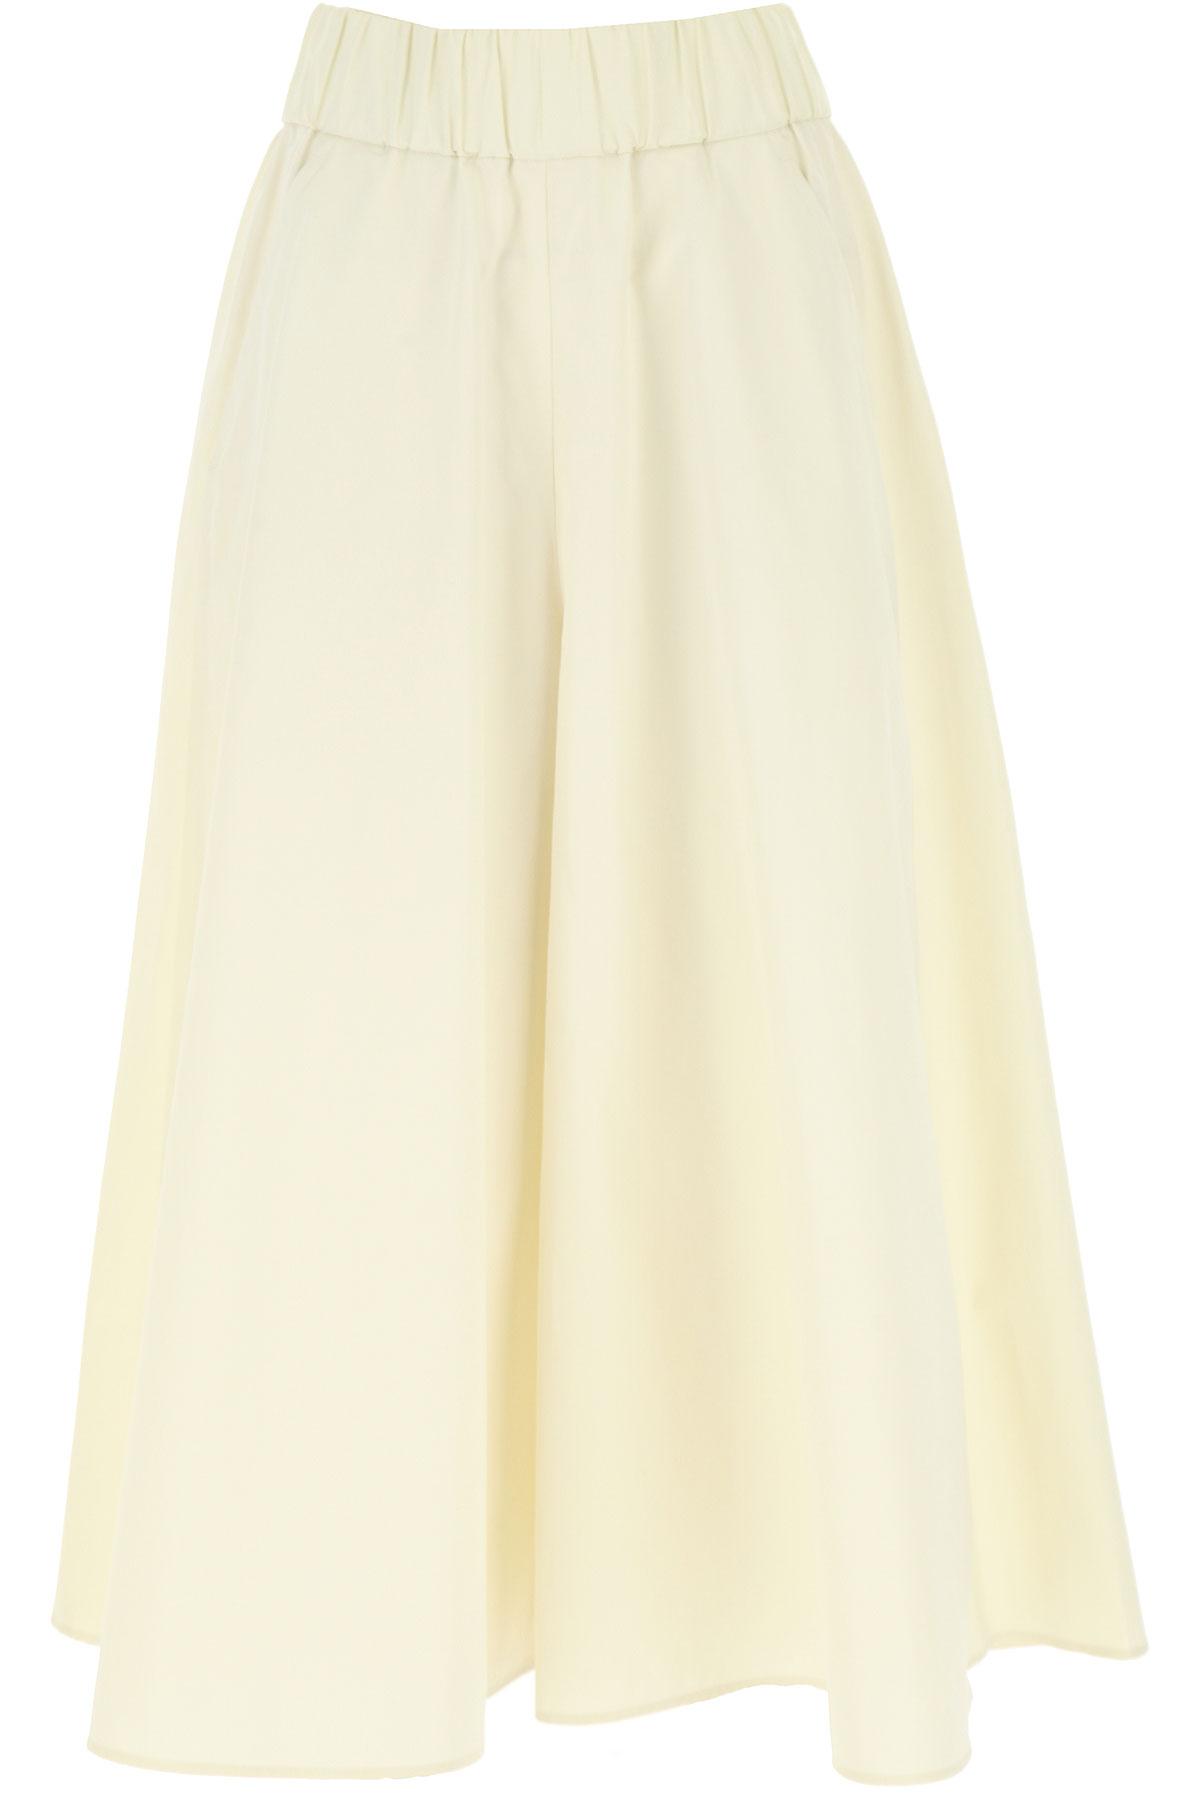 Aspesi Pants for Women On Sale, Cream White, Cotton, 2019, 24 28